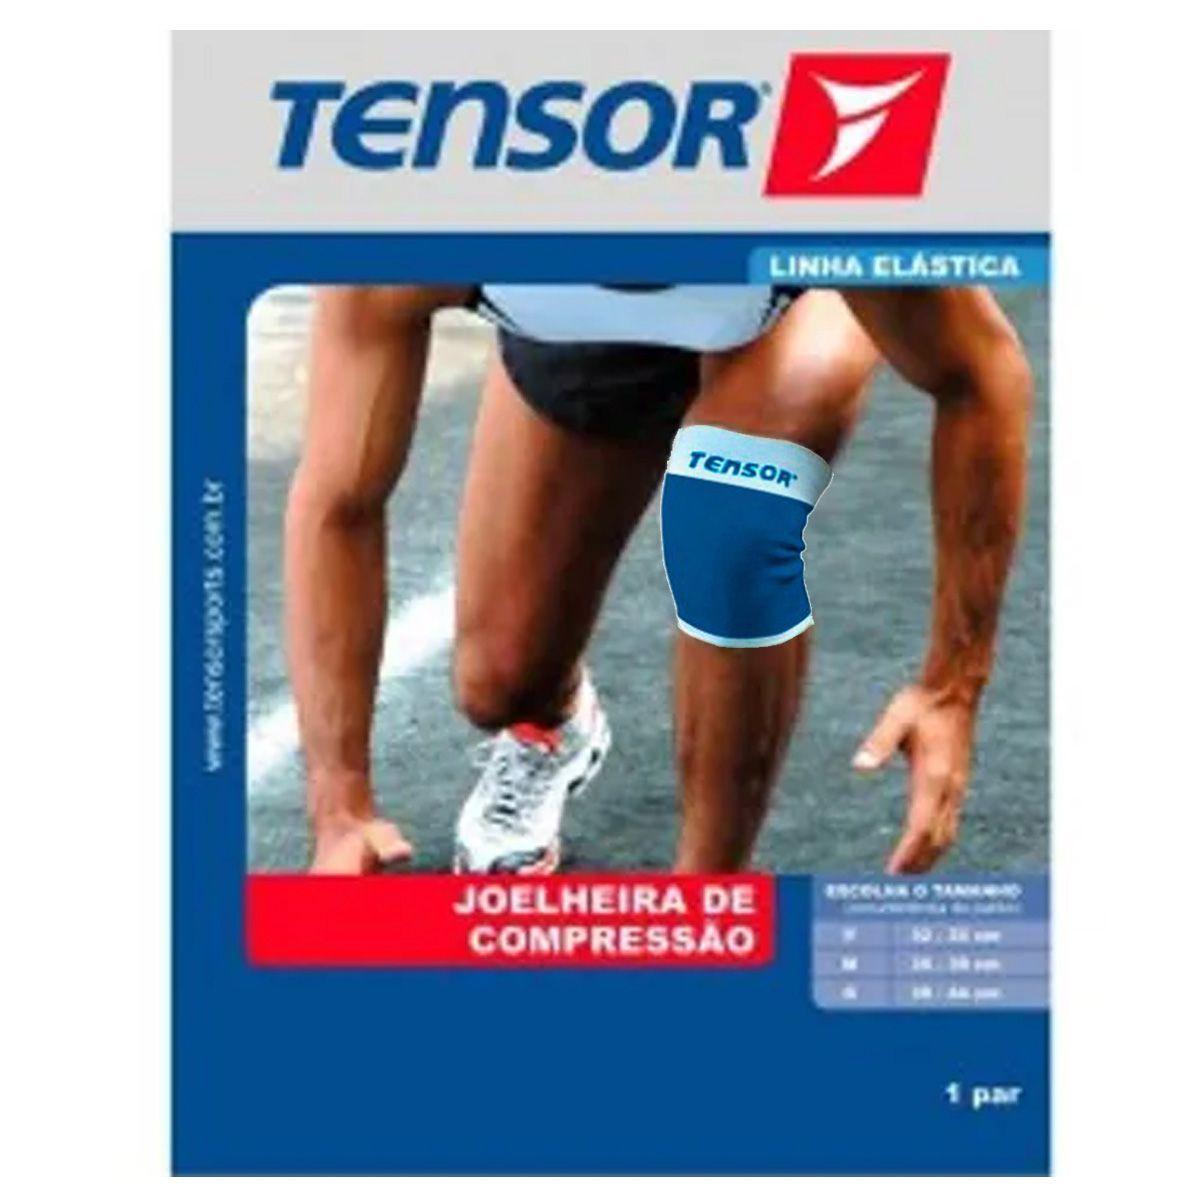 Joelheira de Compressão Tensor Azul - 6001